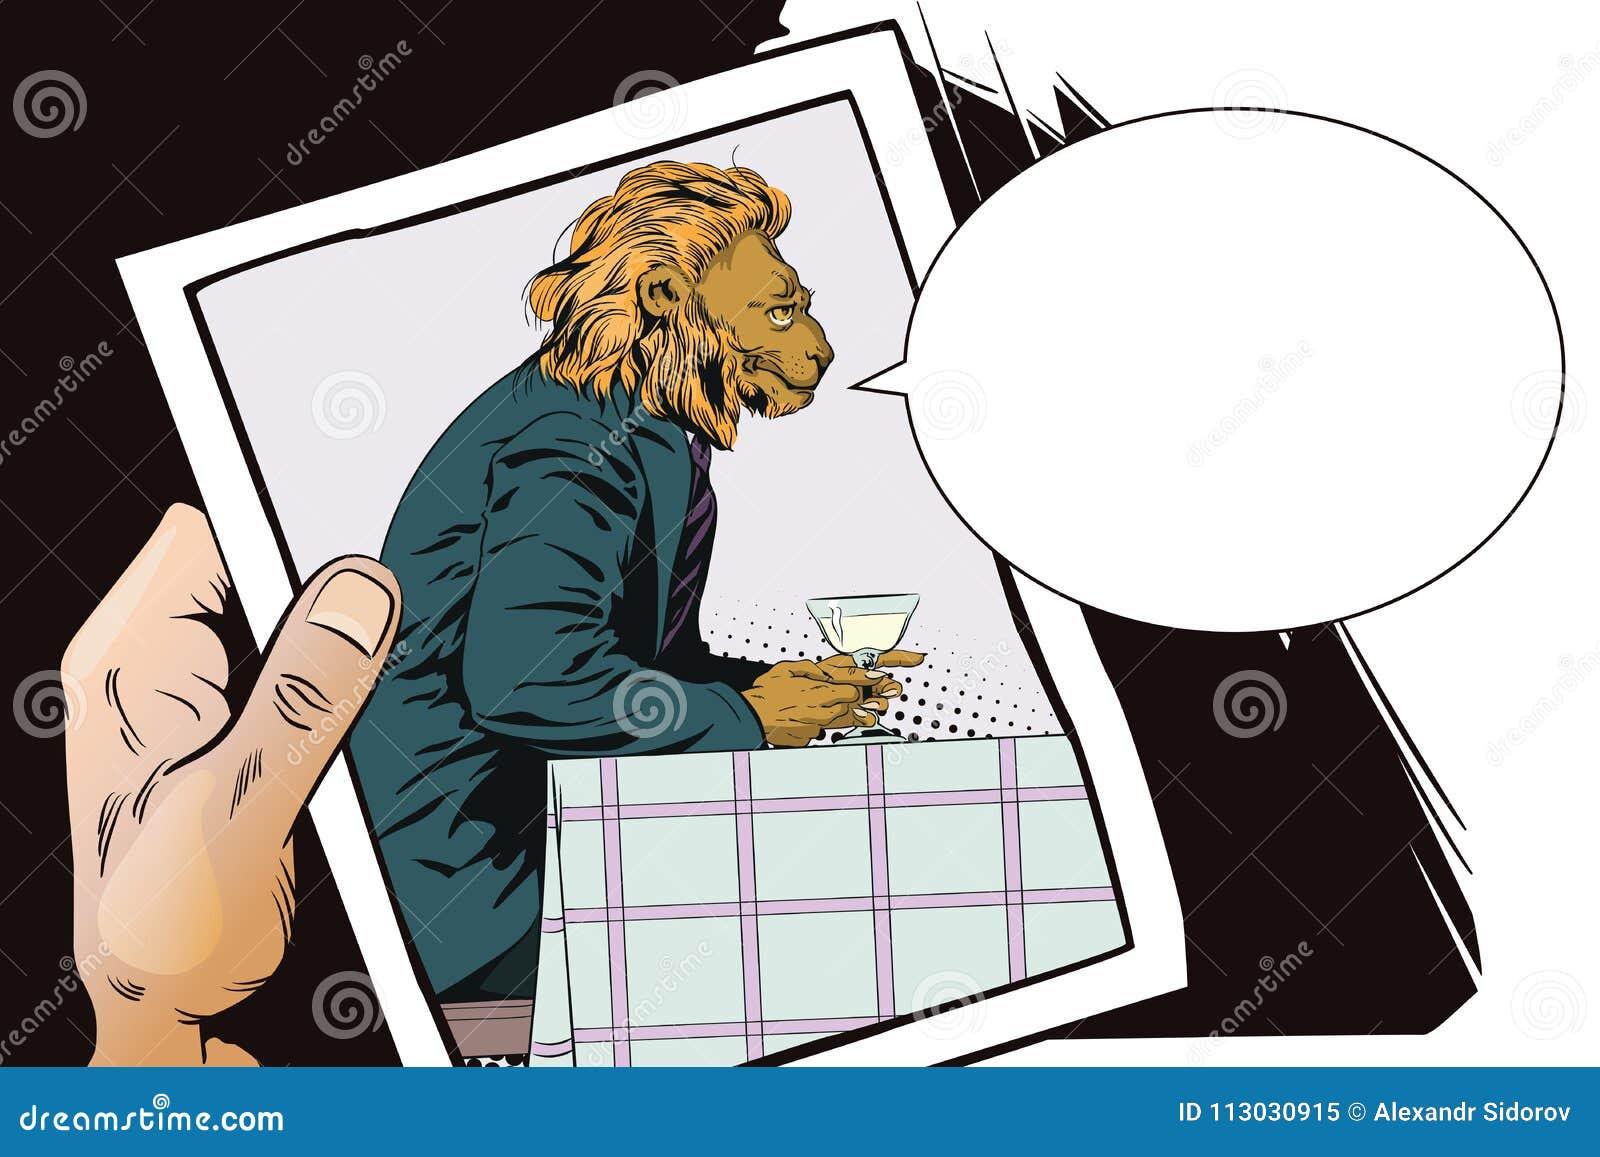 Sueño del hombre León romántico Gente en imágenes de animales